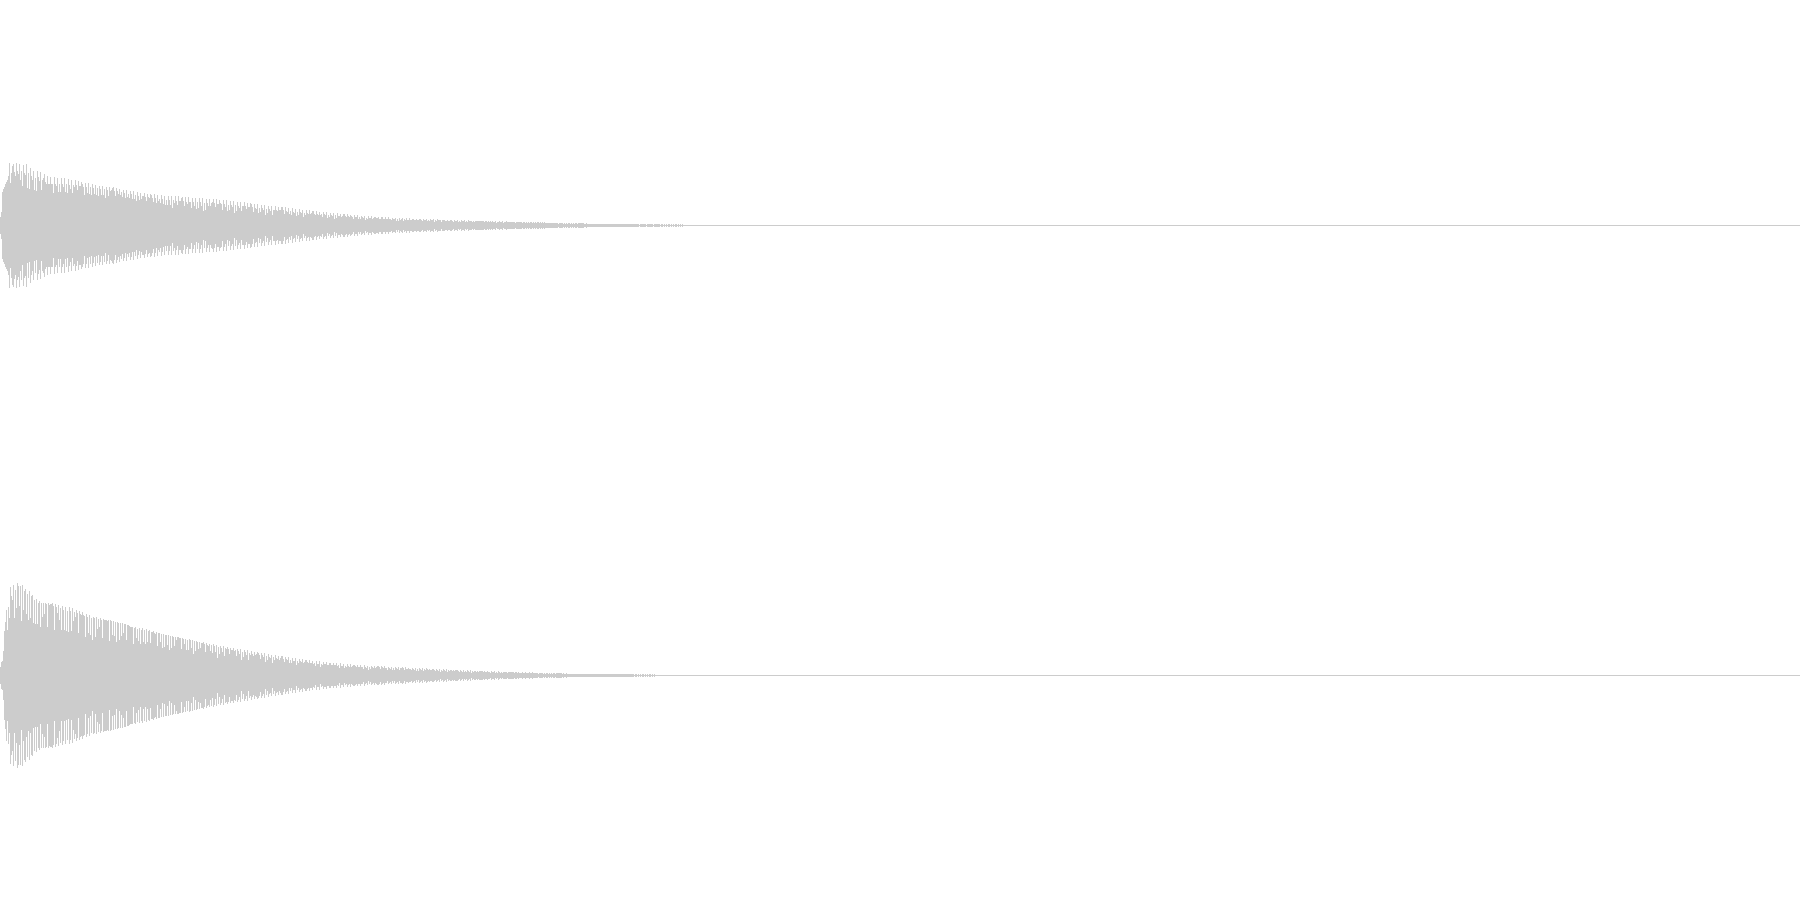 決定音などに使えるピコン音の未再生の波形